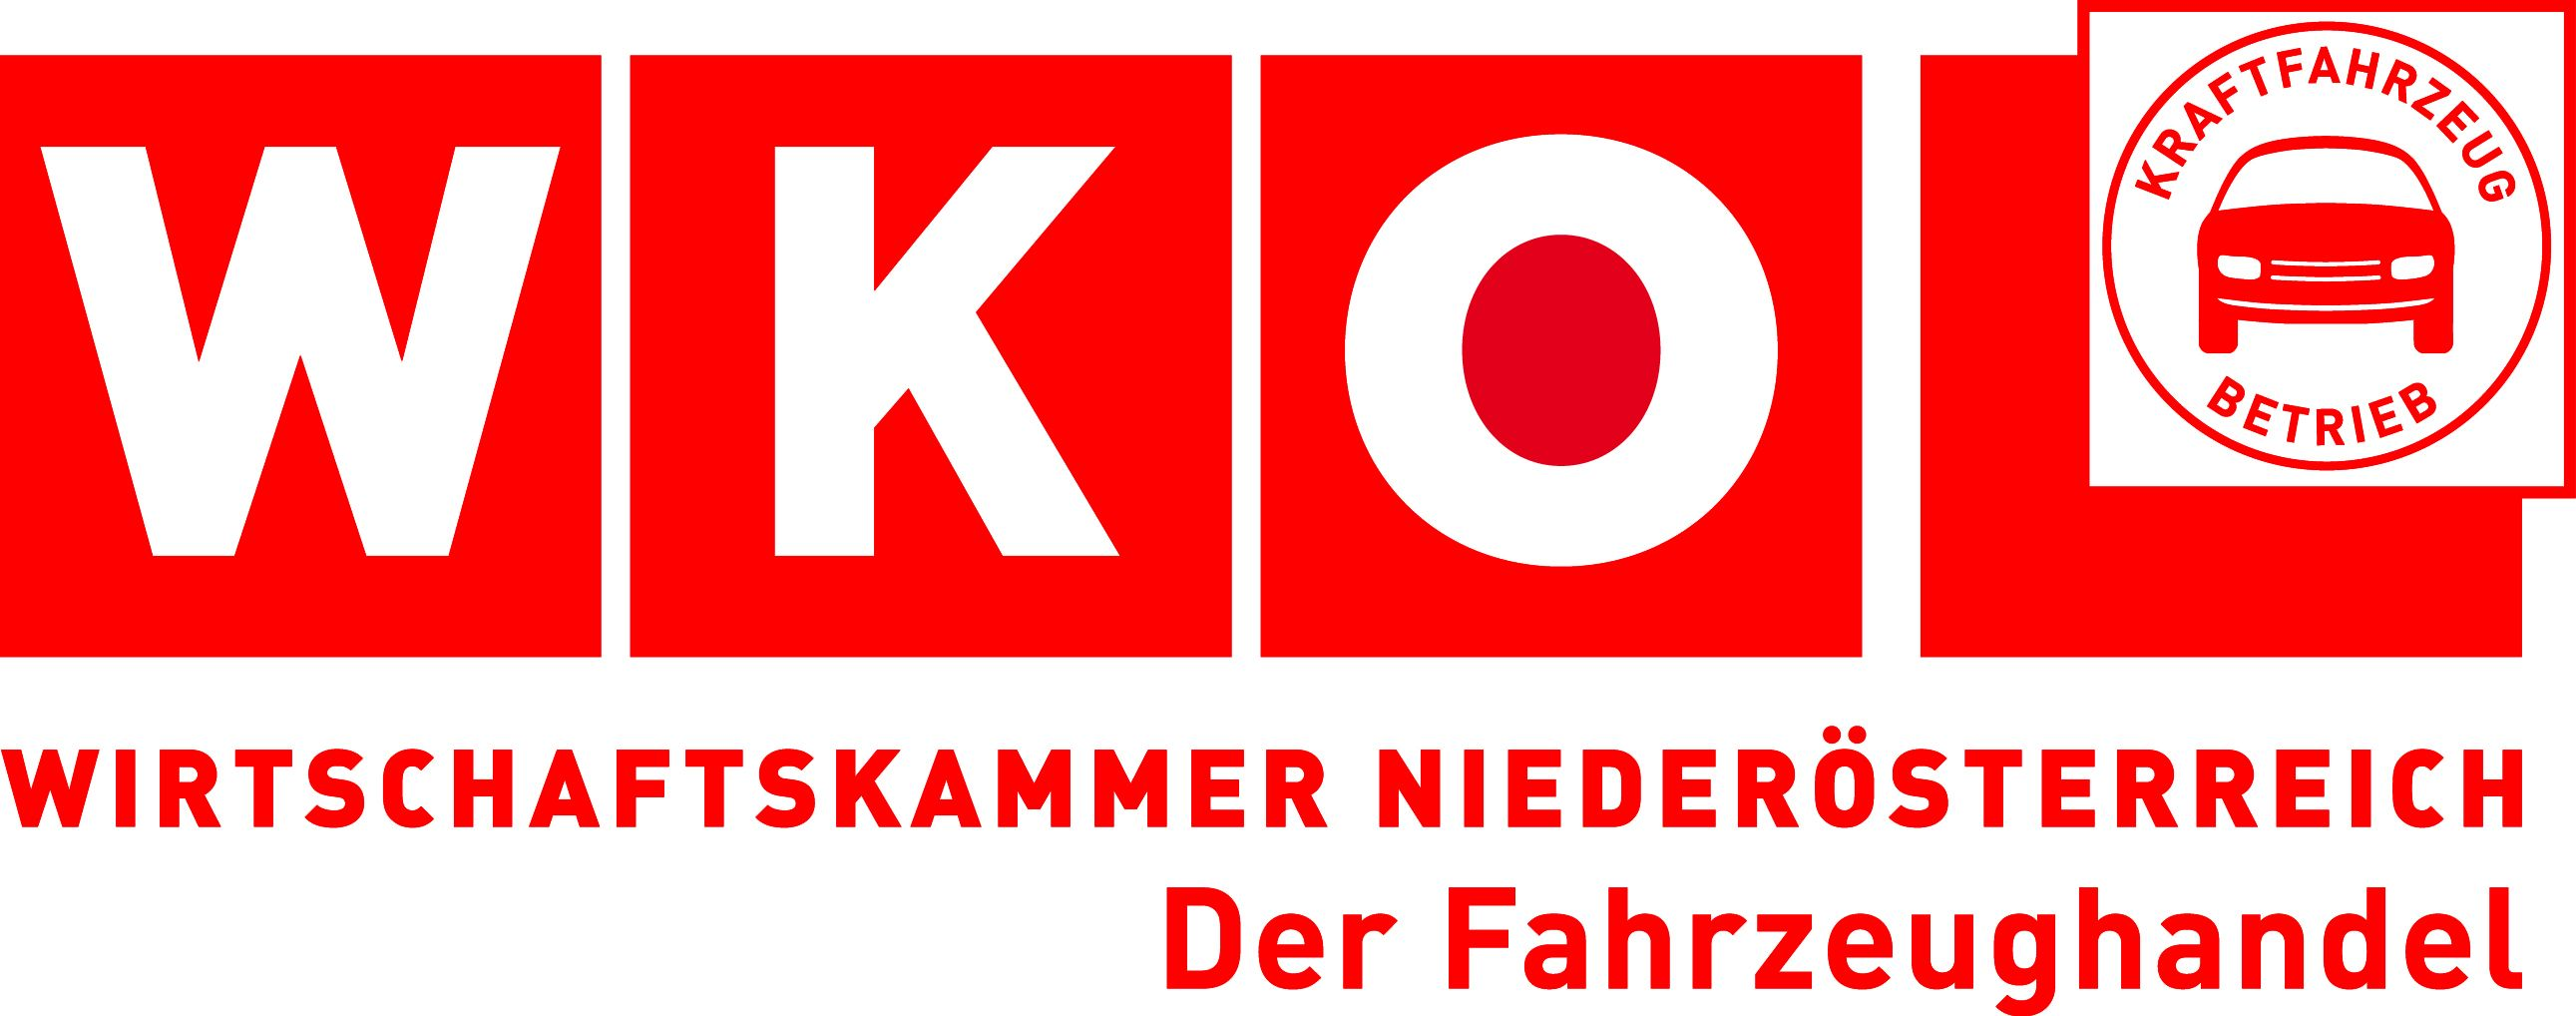 WIrtschaftskammer Niederösterreich - Der Fahrzeughandel